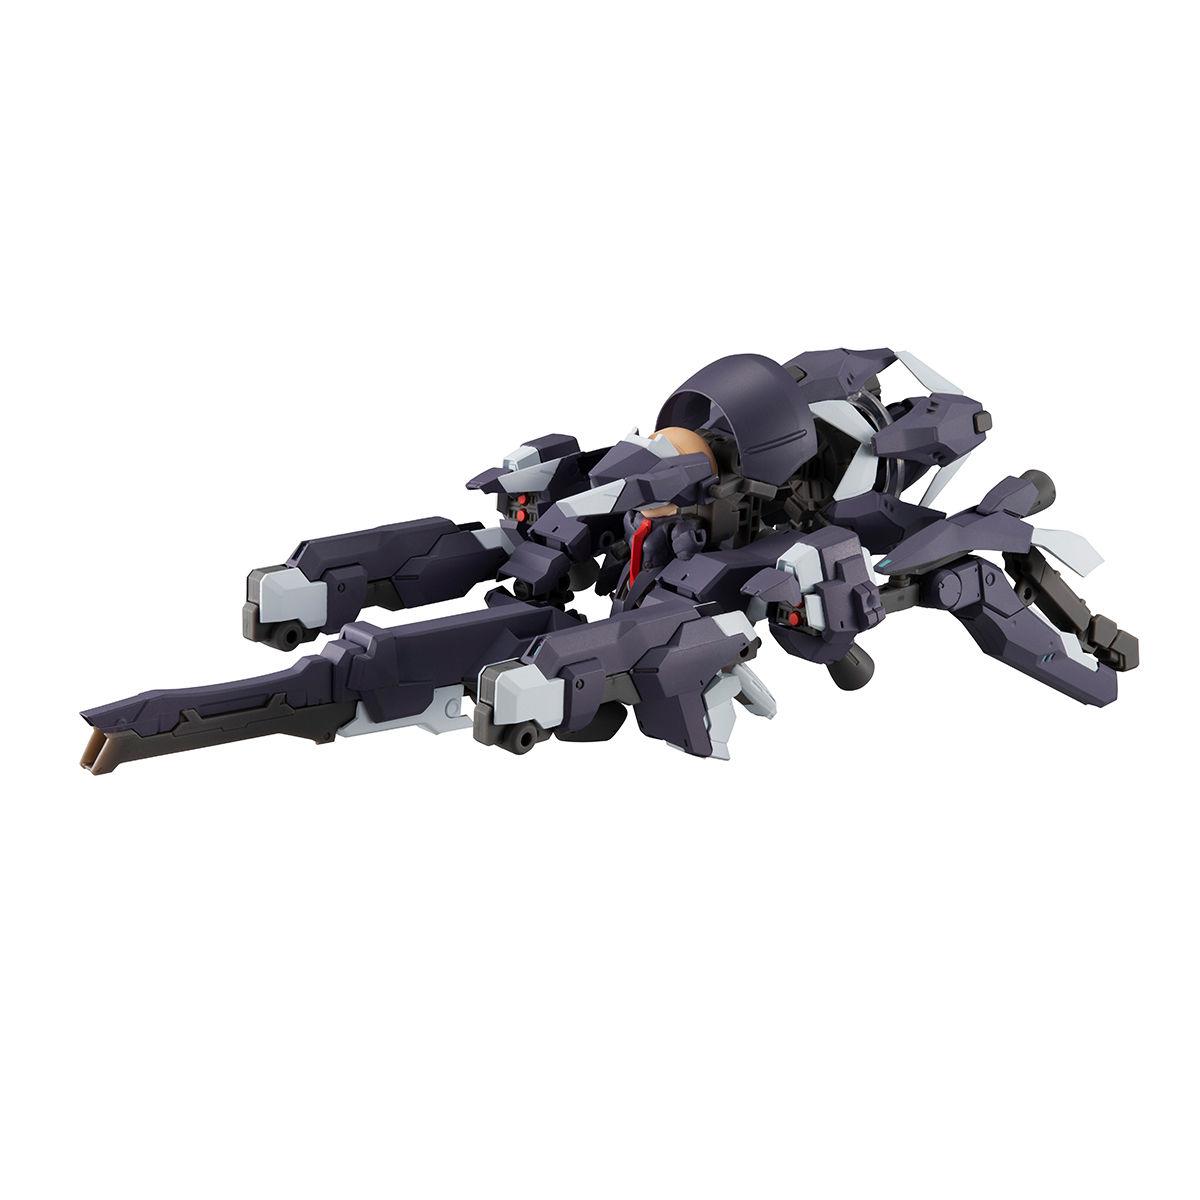 【限定販売】デスクトップアーミー『F-666d ヴァルカシリーズ (フレア ドラグーン鹵獲仕様)』可動フィギュア-009